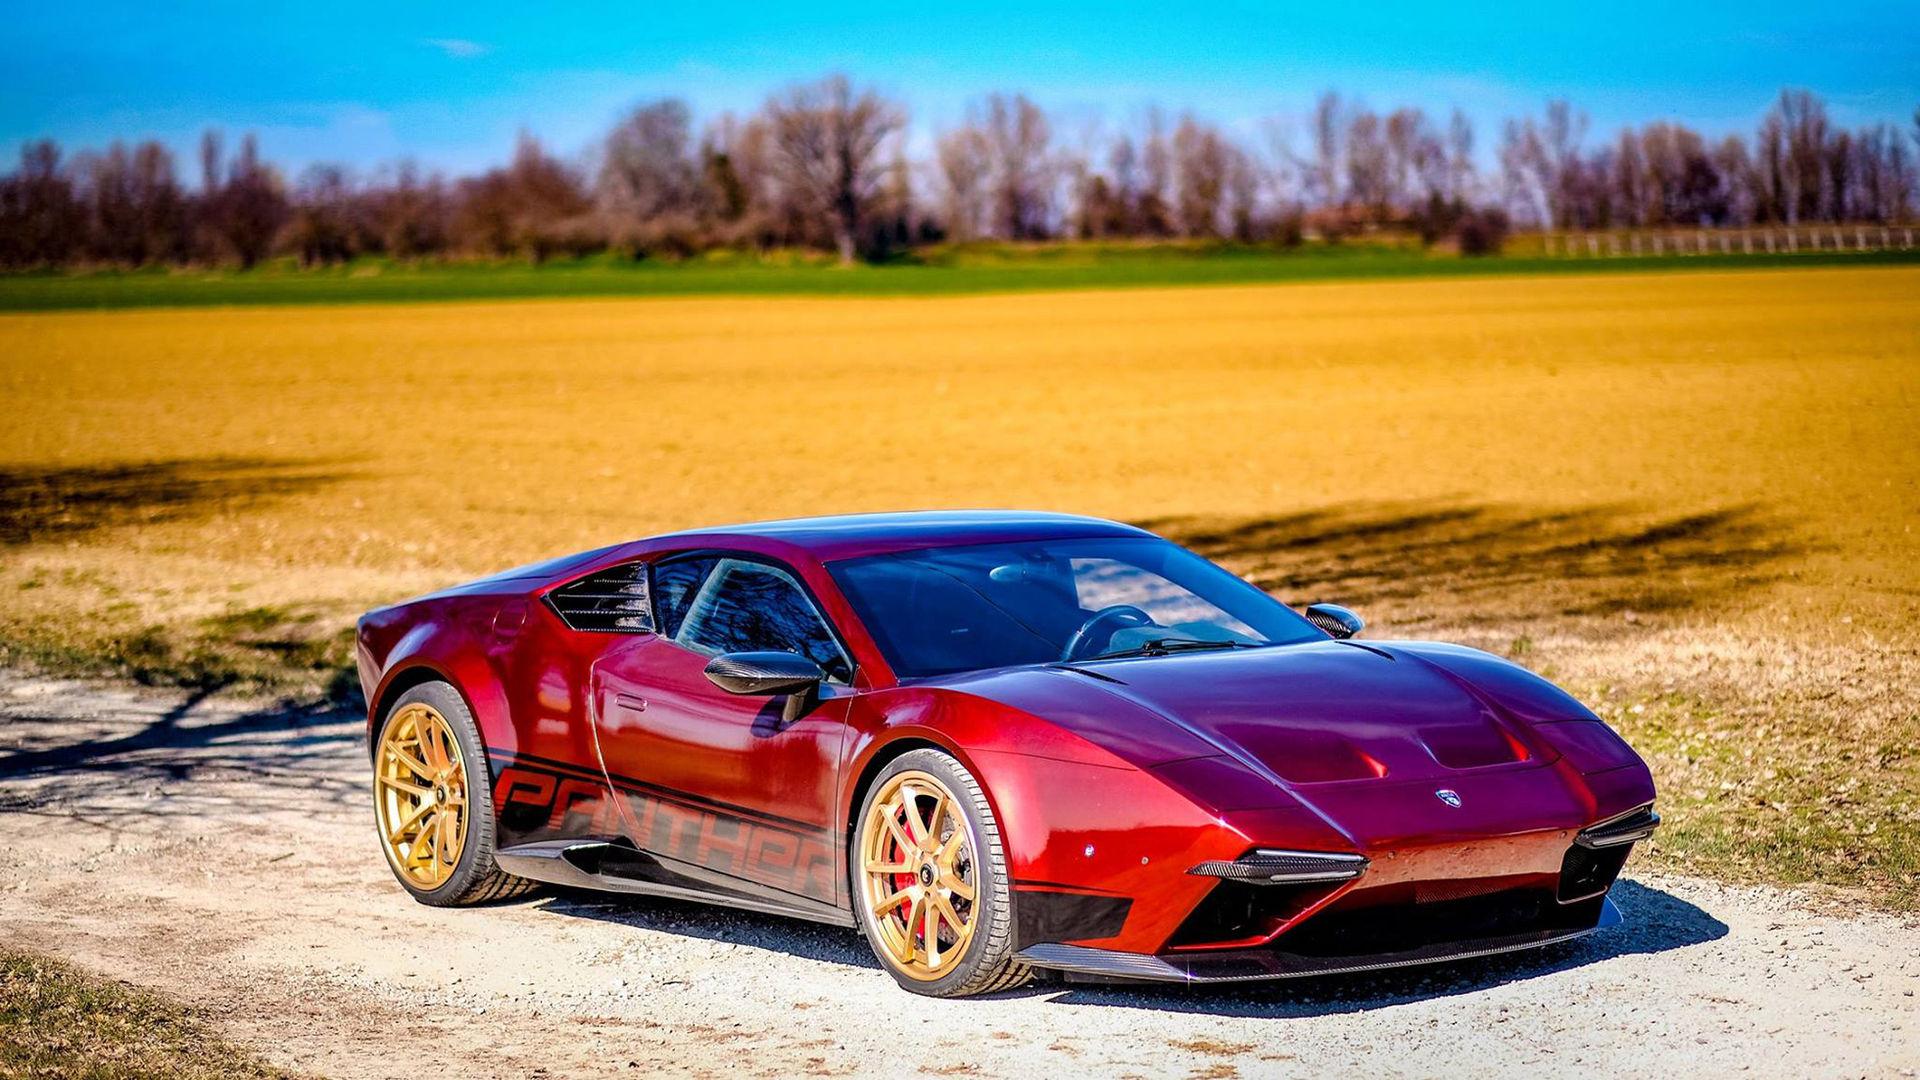 Ares Design återupplivar De Tomaso Pantera